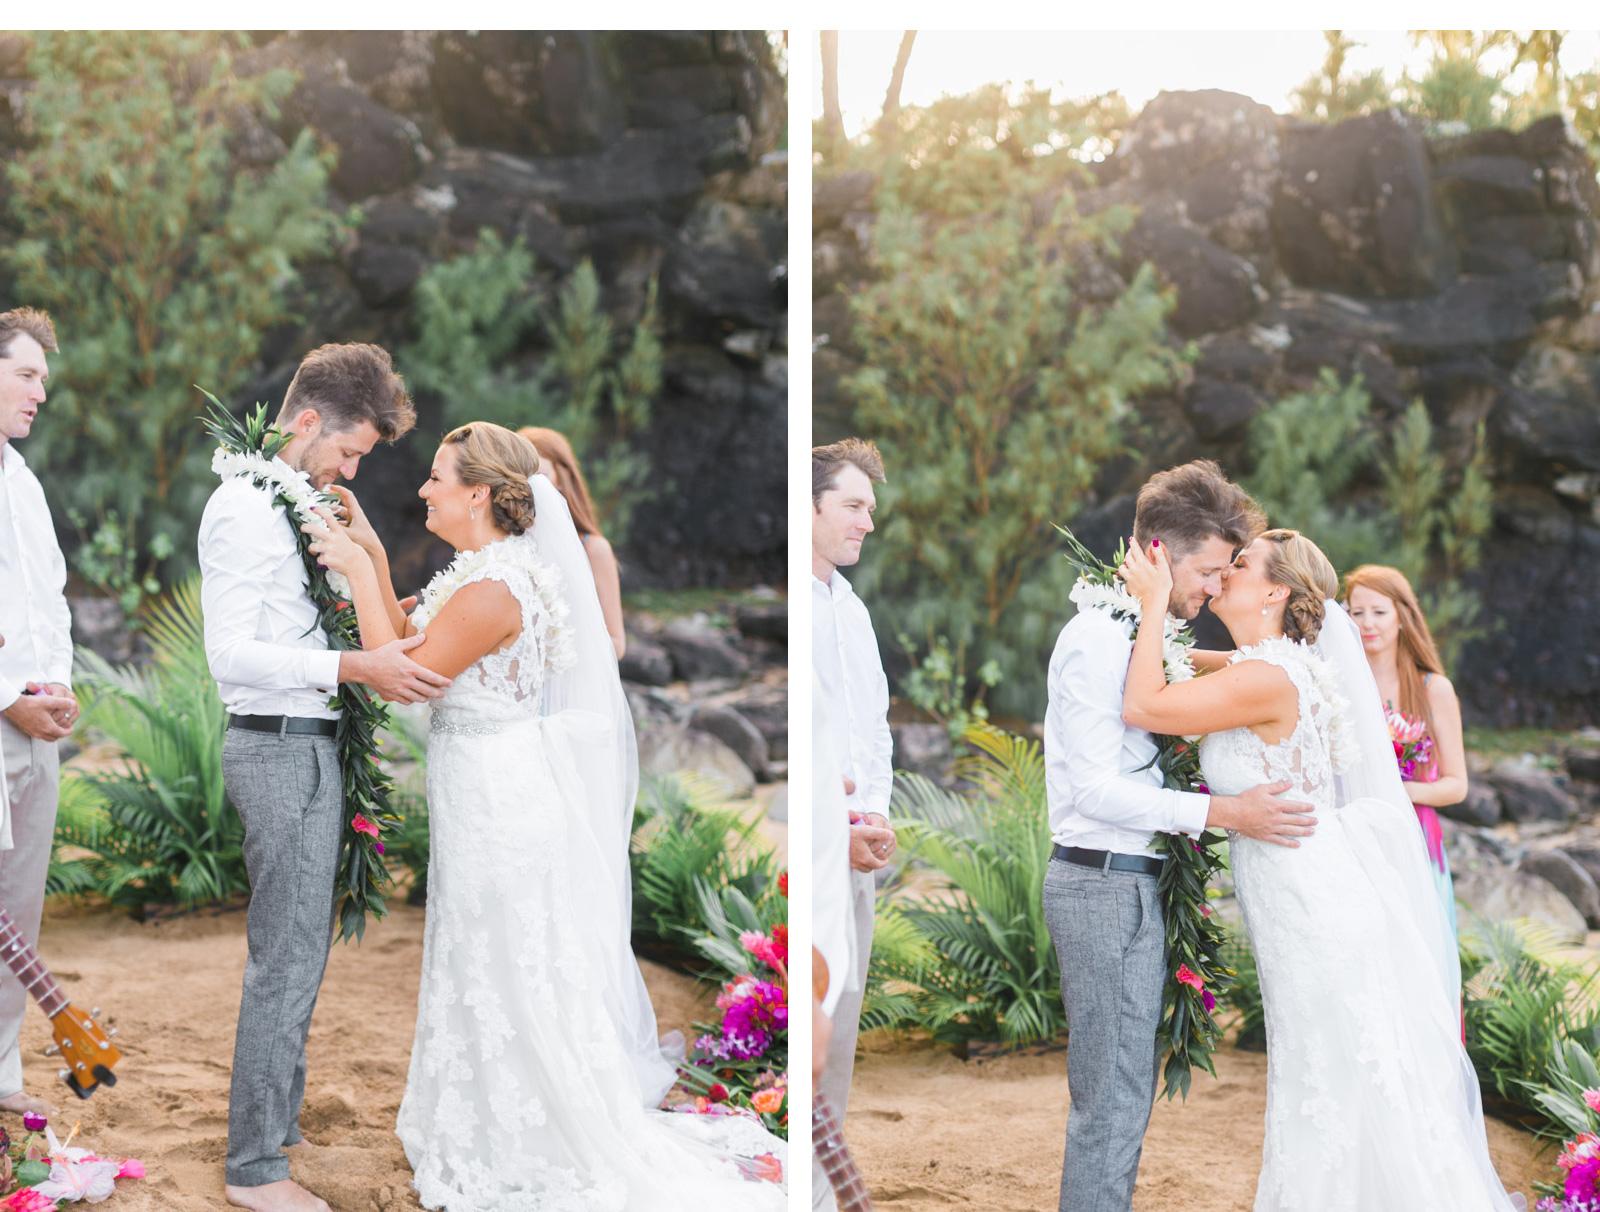 Natalie-Schutt-Photography--Maui-Wedding-Photographer_08.jpg